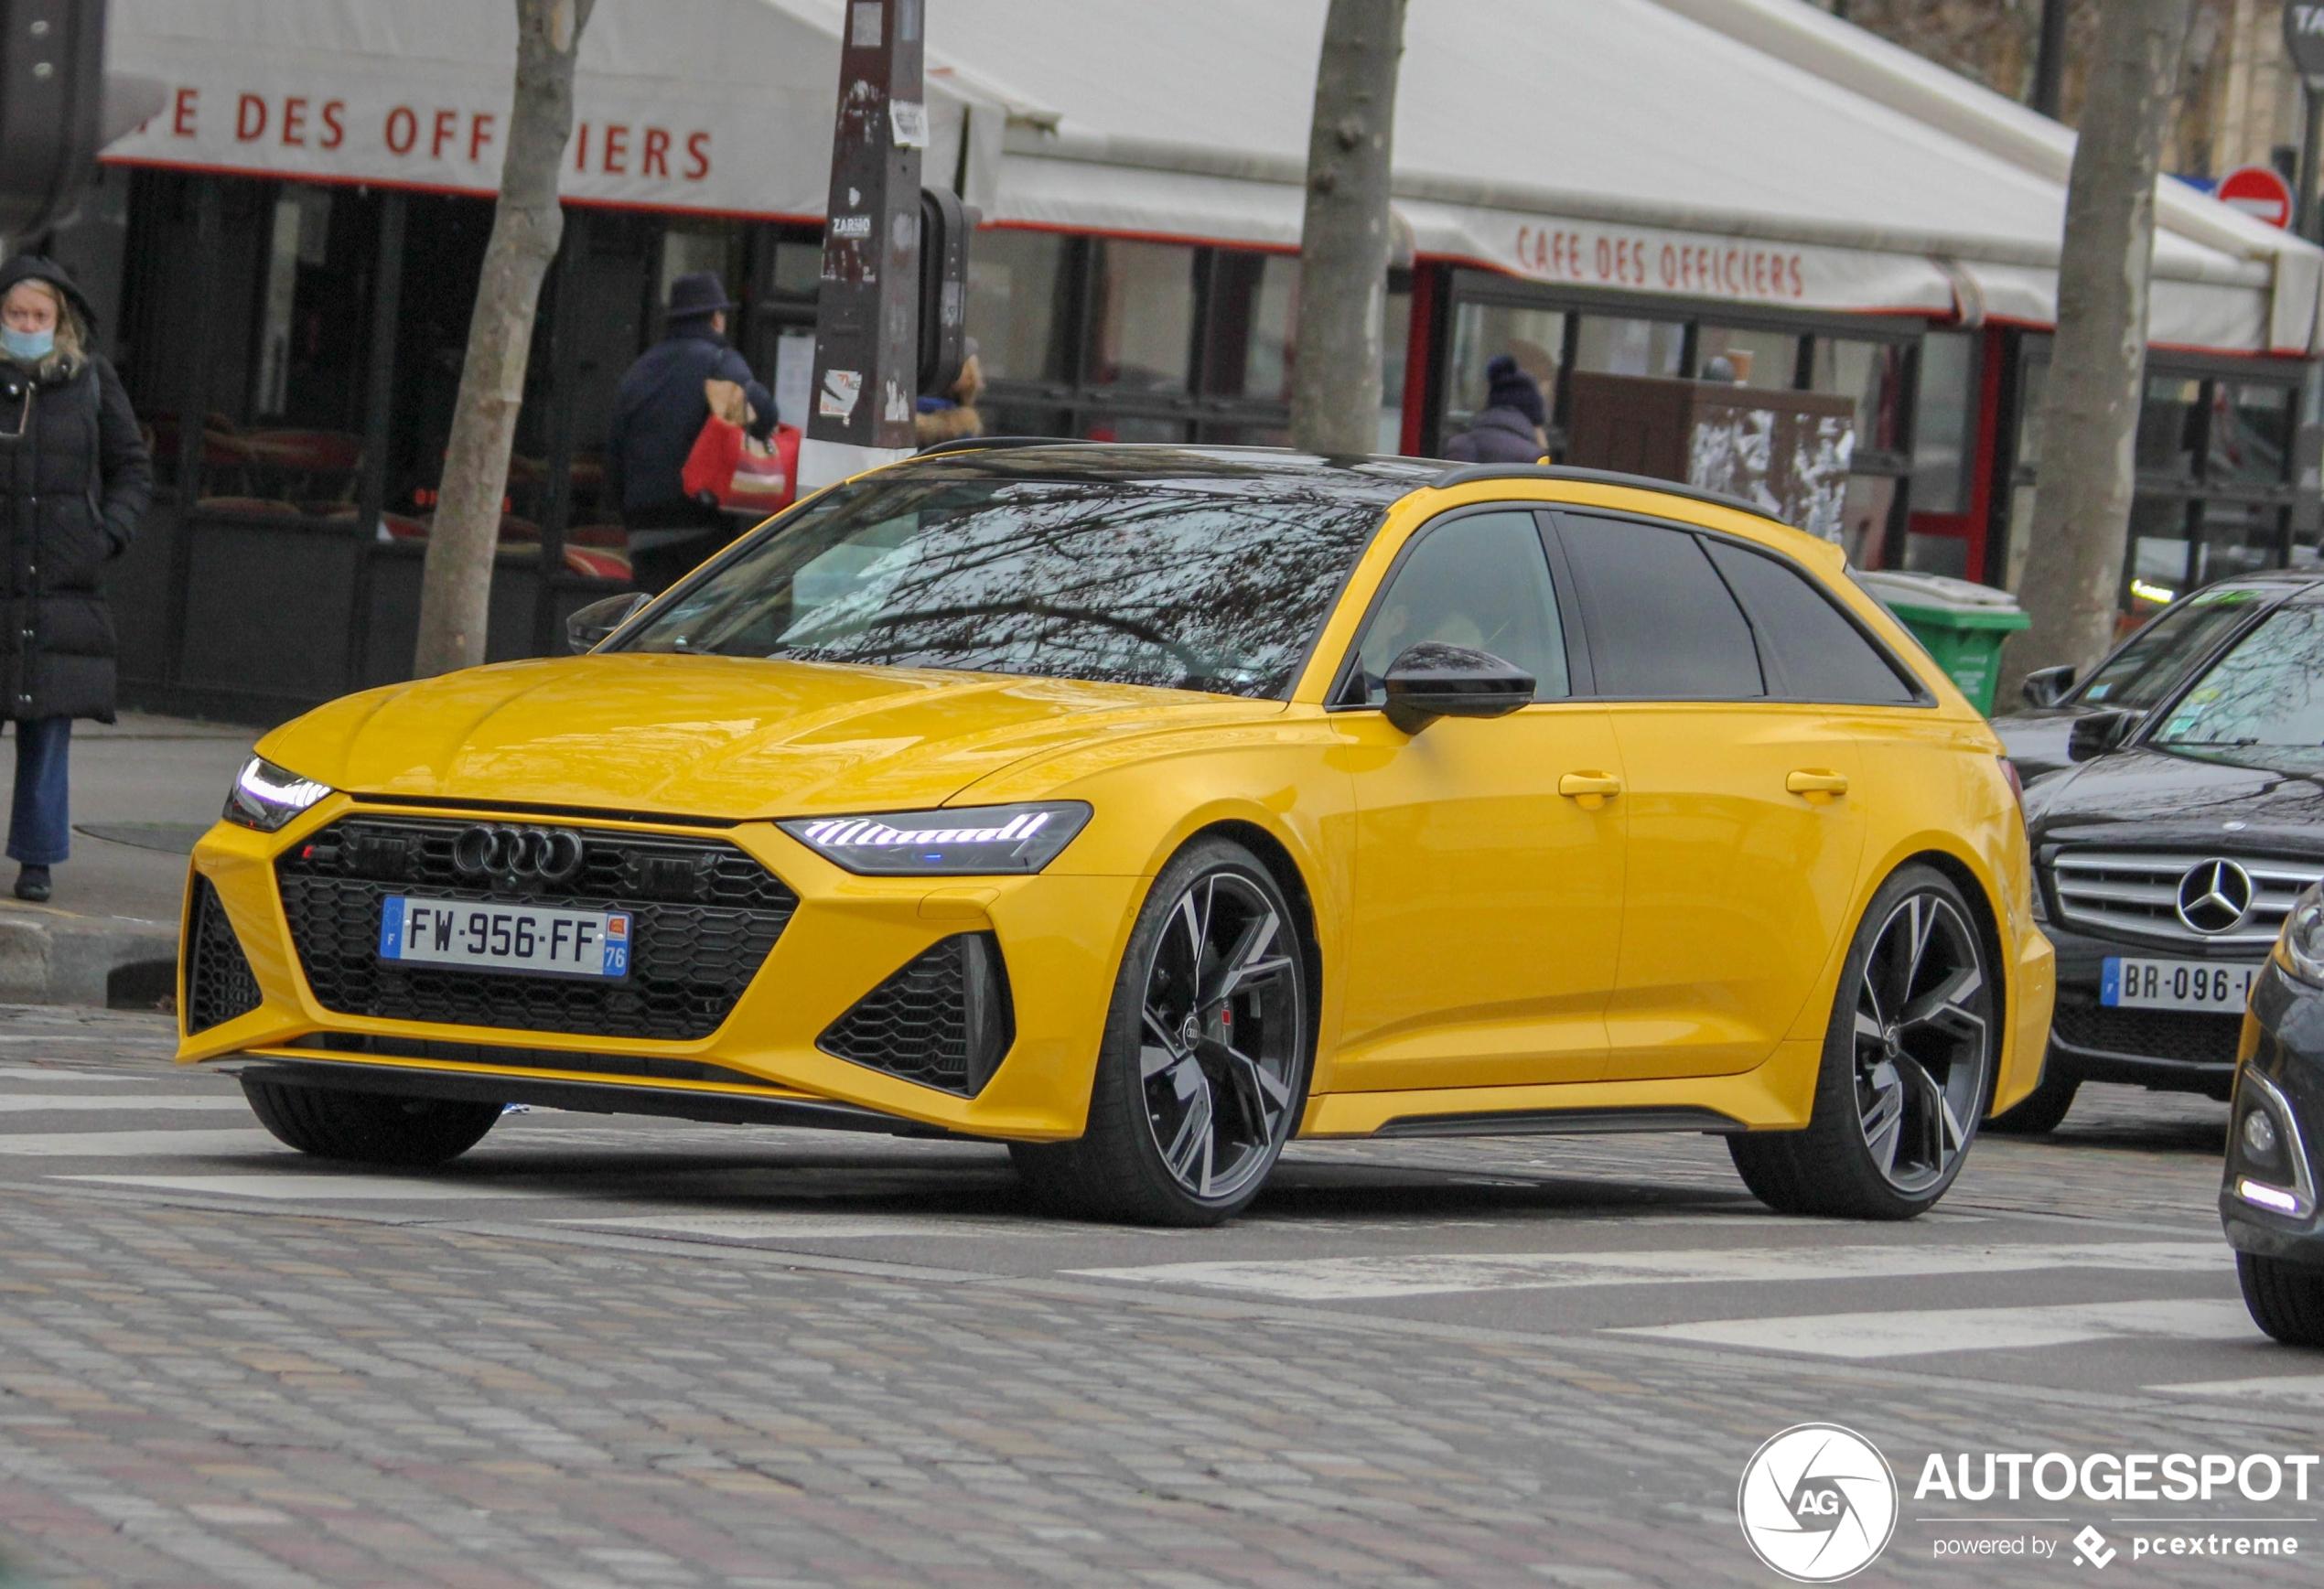 Geel misstaat de Audi RS6 Avant C8 niet